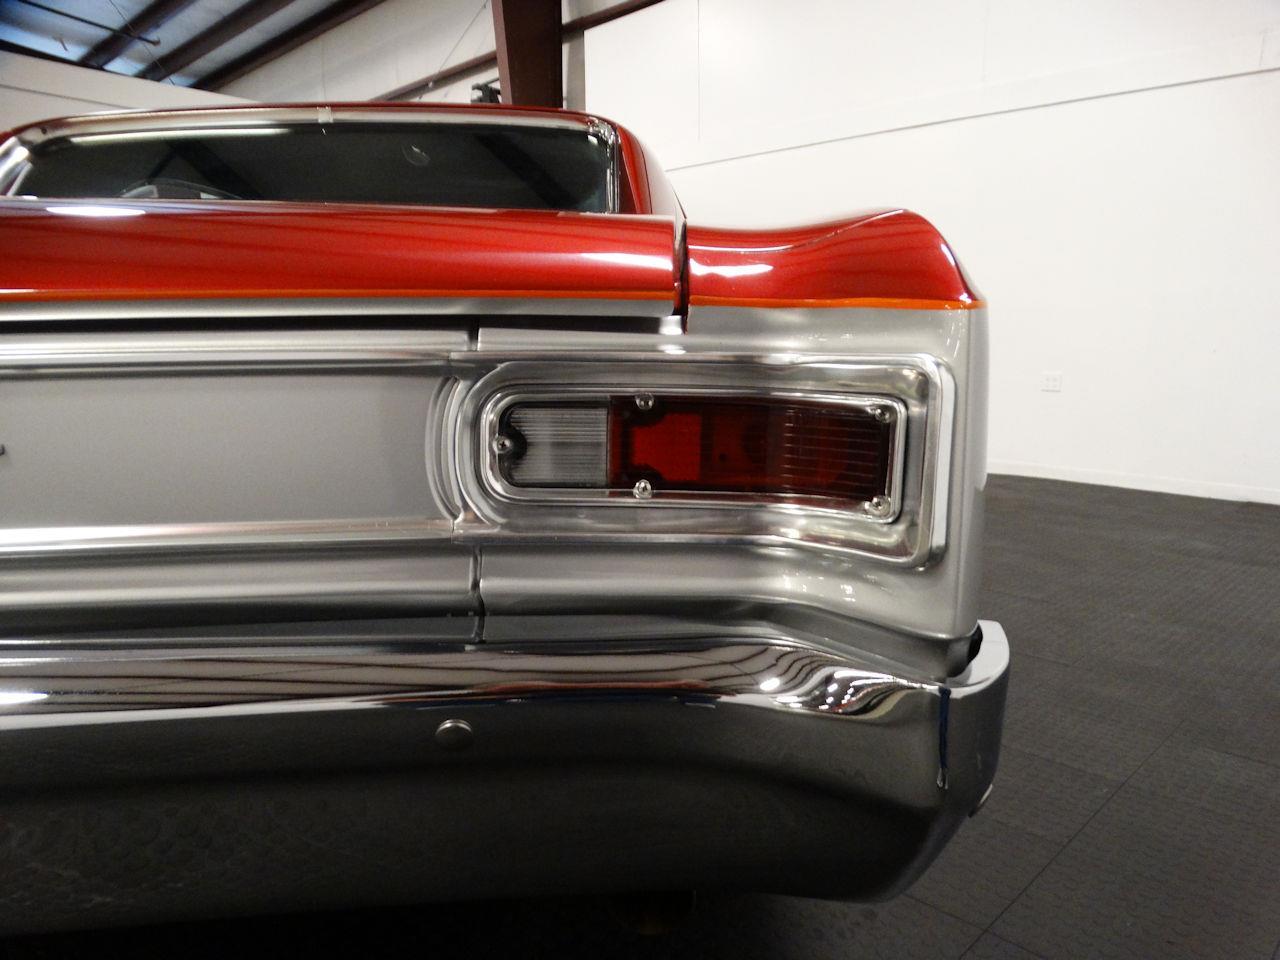 1966 Chevrolet Chevelle (CC-1389711) for sale in O'Fallon, Illinois